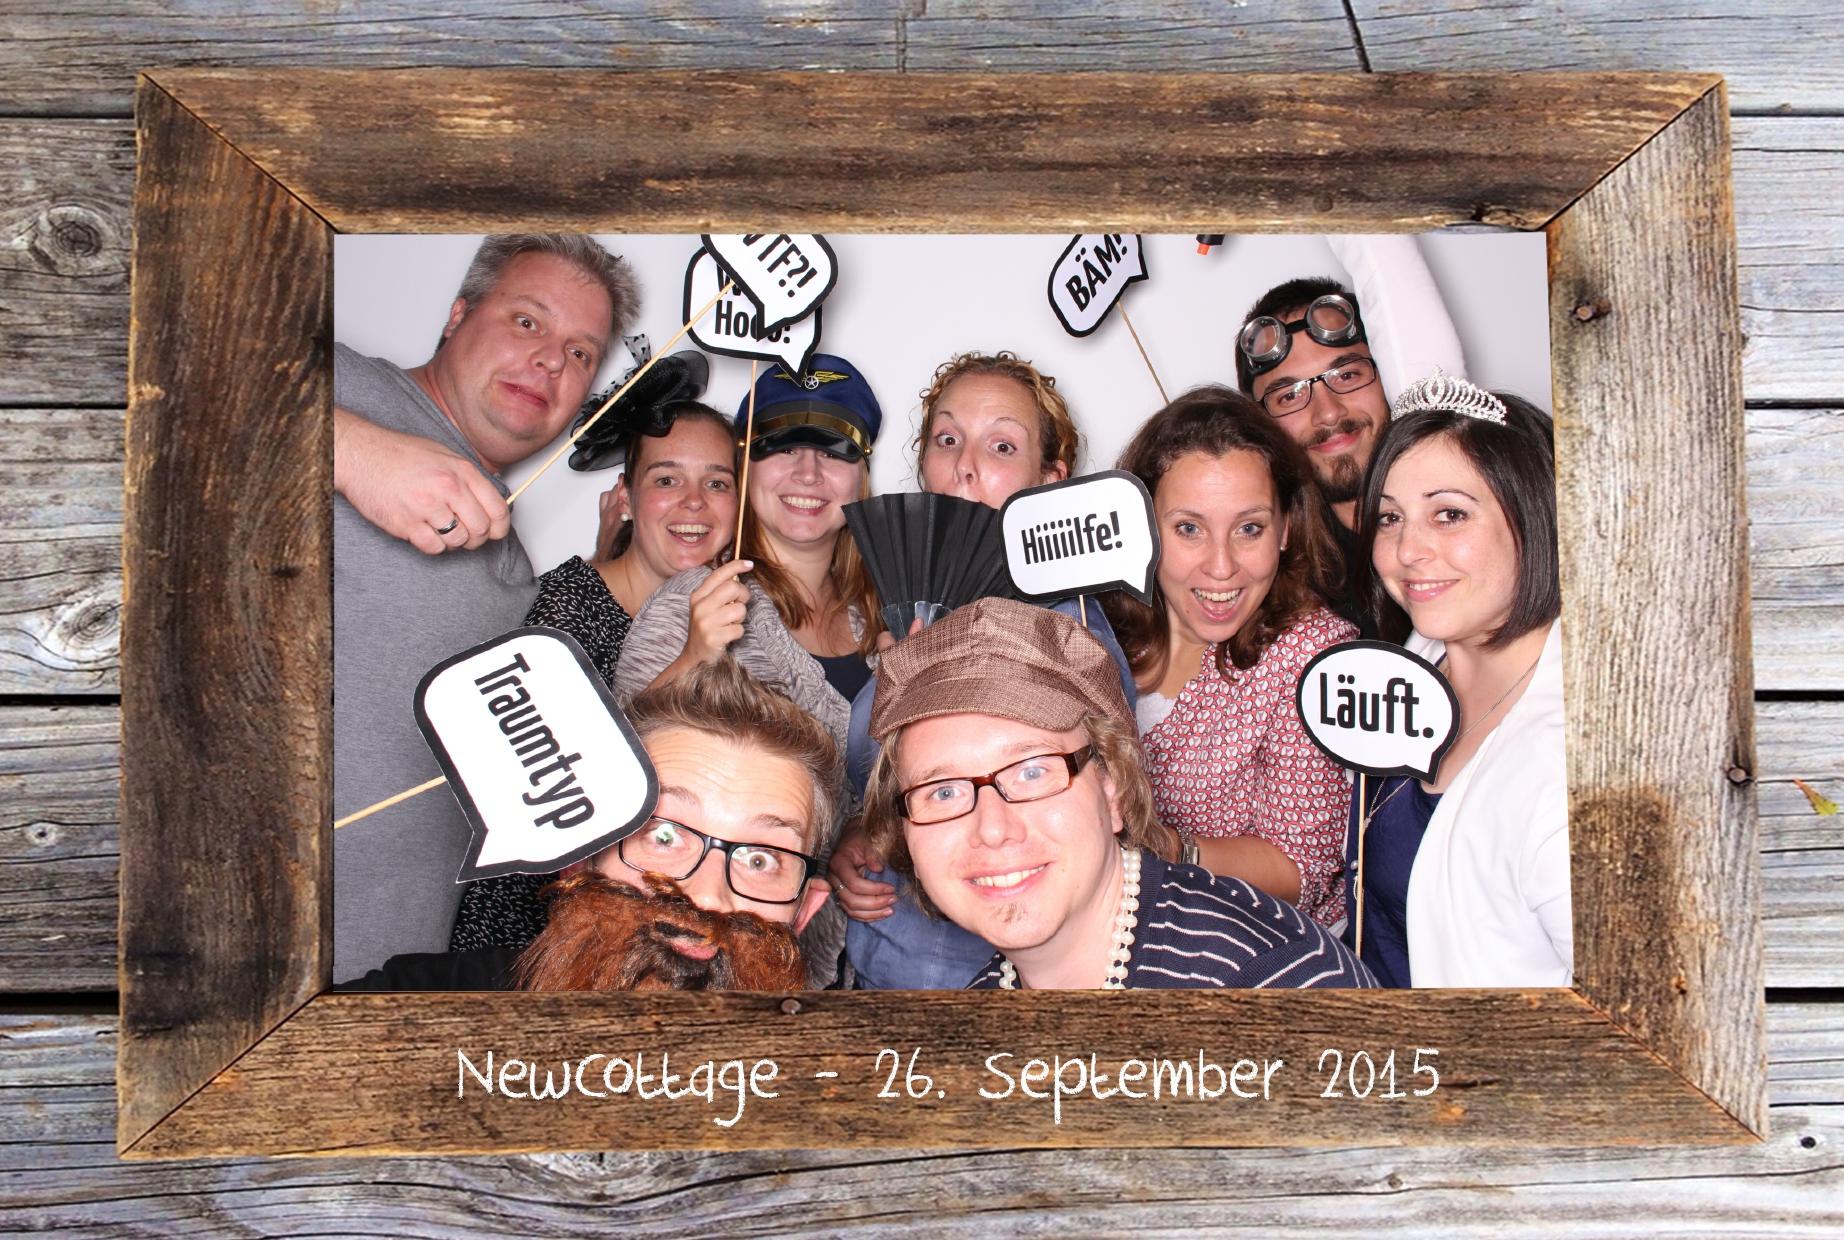 Fotobox Party Idee Spaß Hochzeit